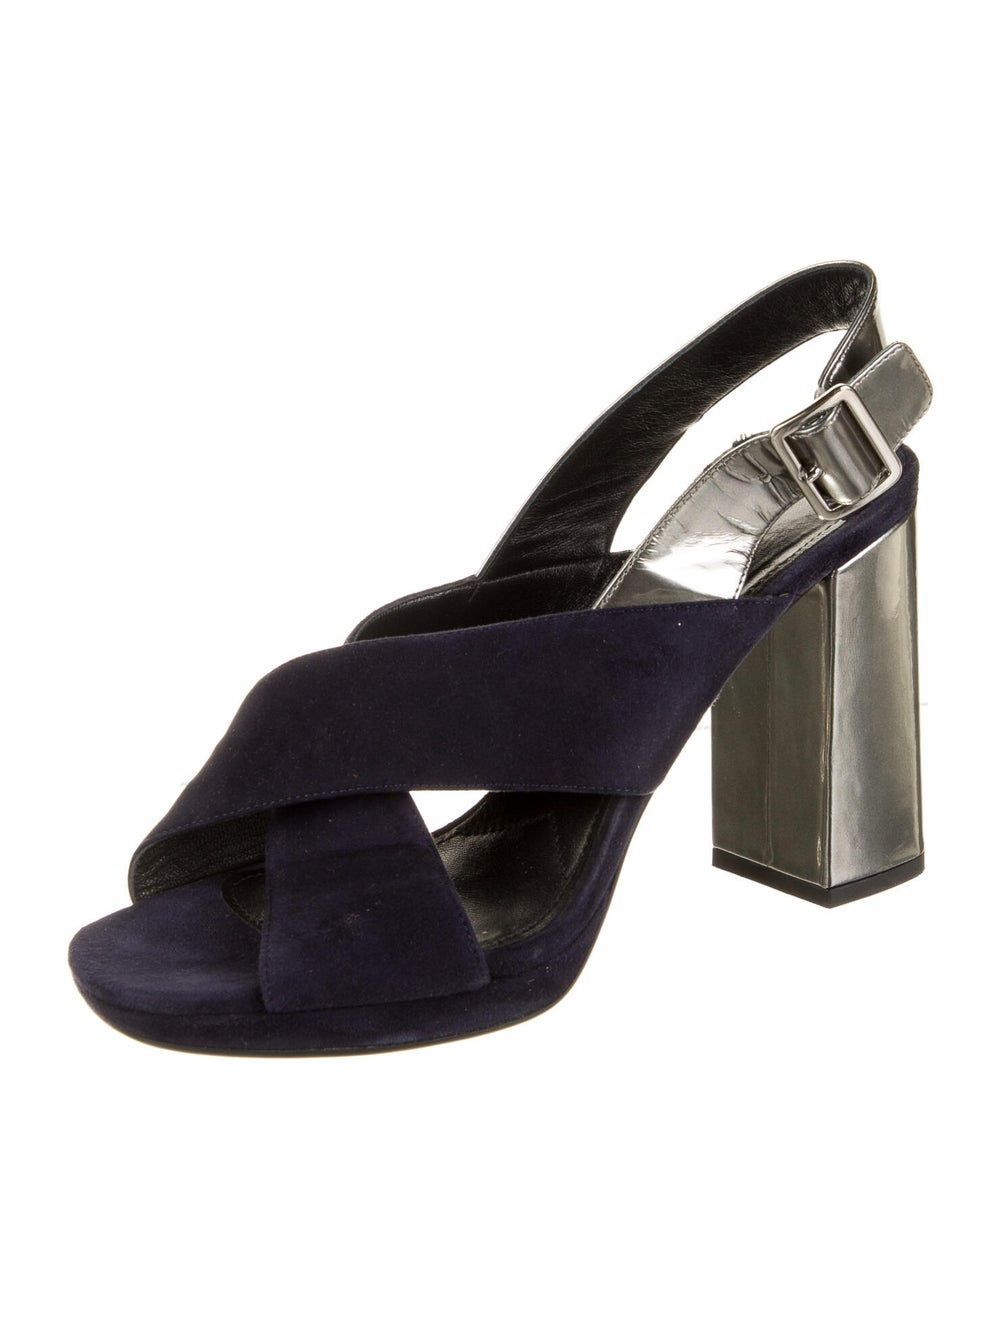 Prada Suede Slingback Sandals Blue - image 2